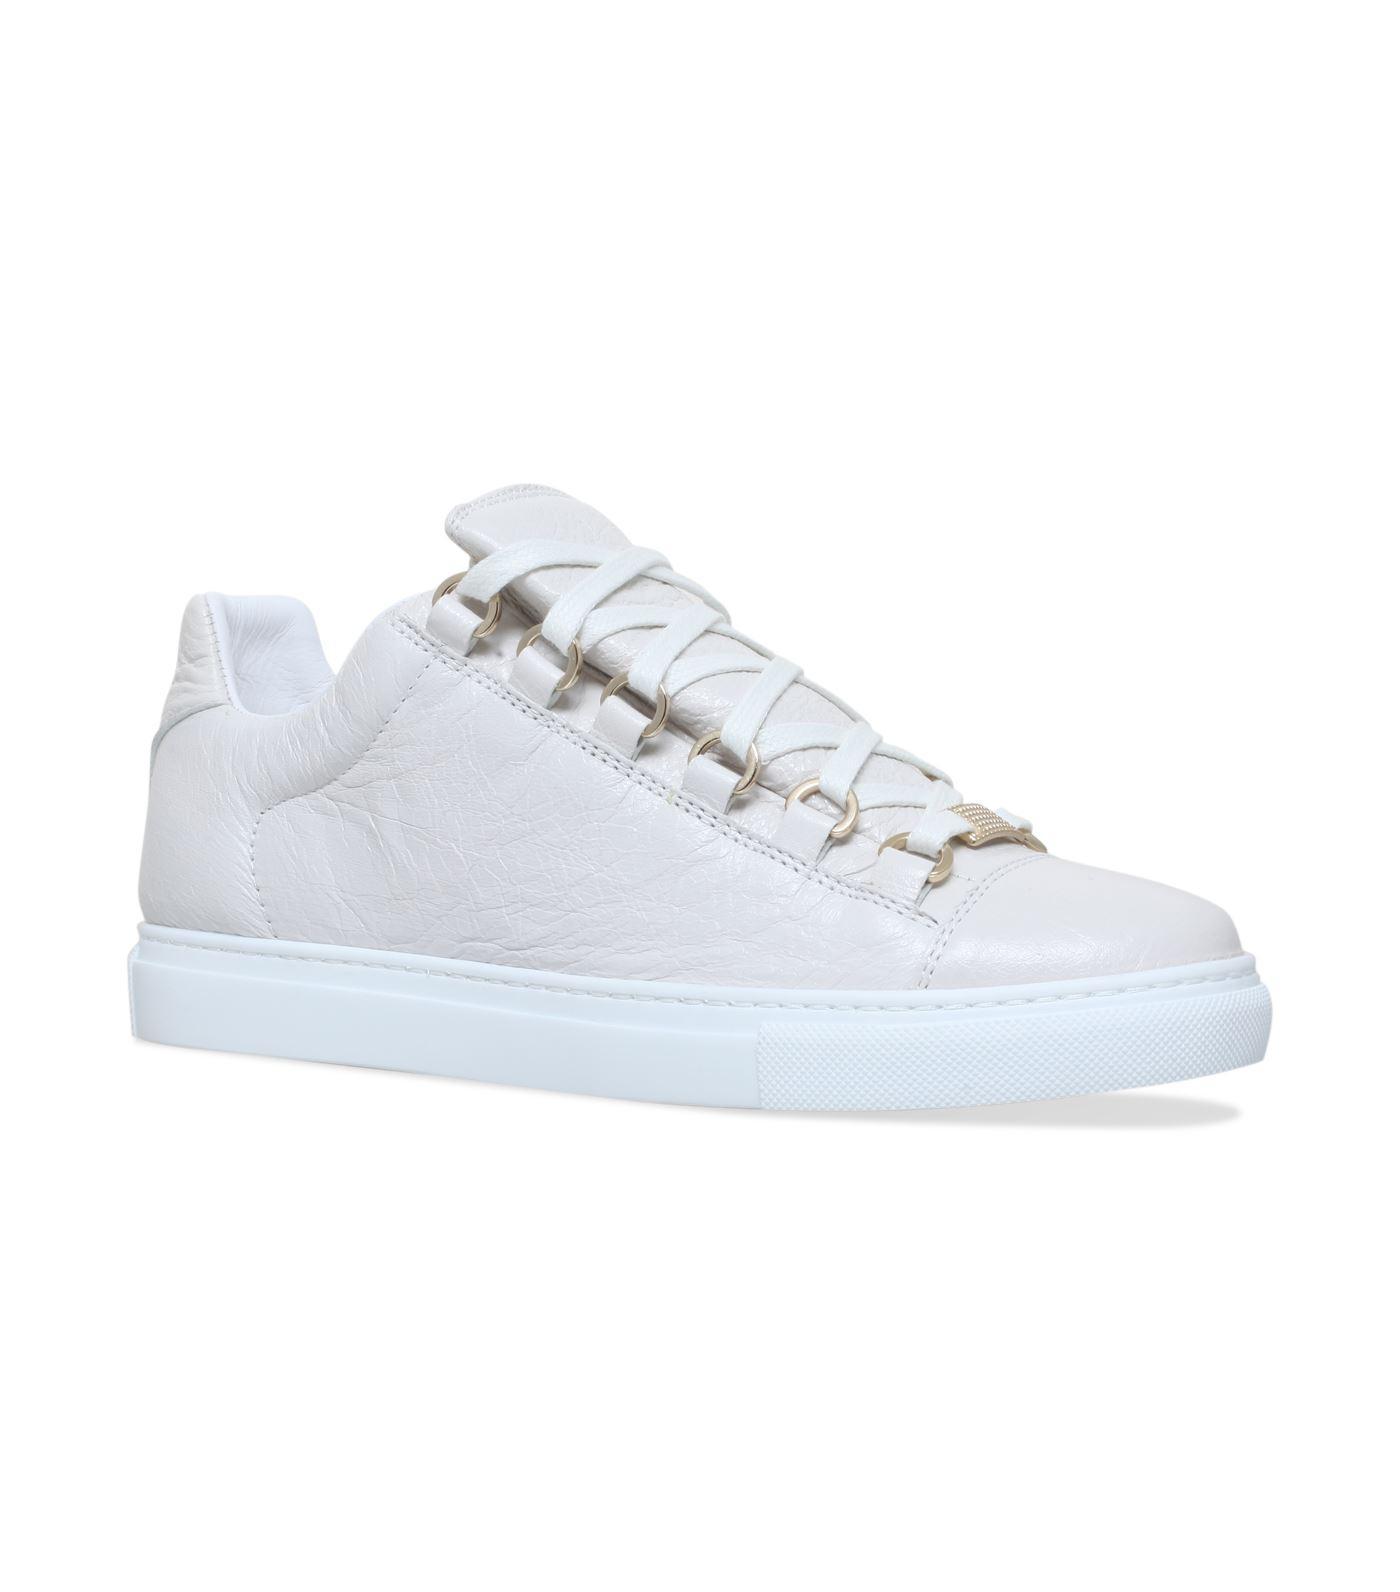 c79efad851da Balenciaga Ladies White Arena Leather Sneakers